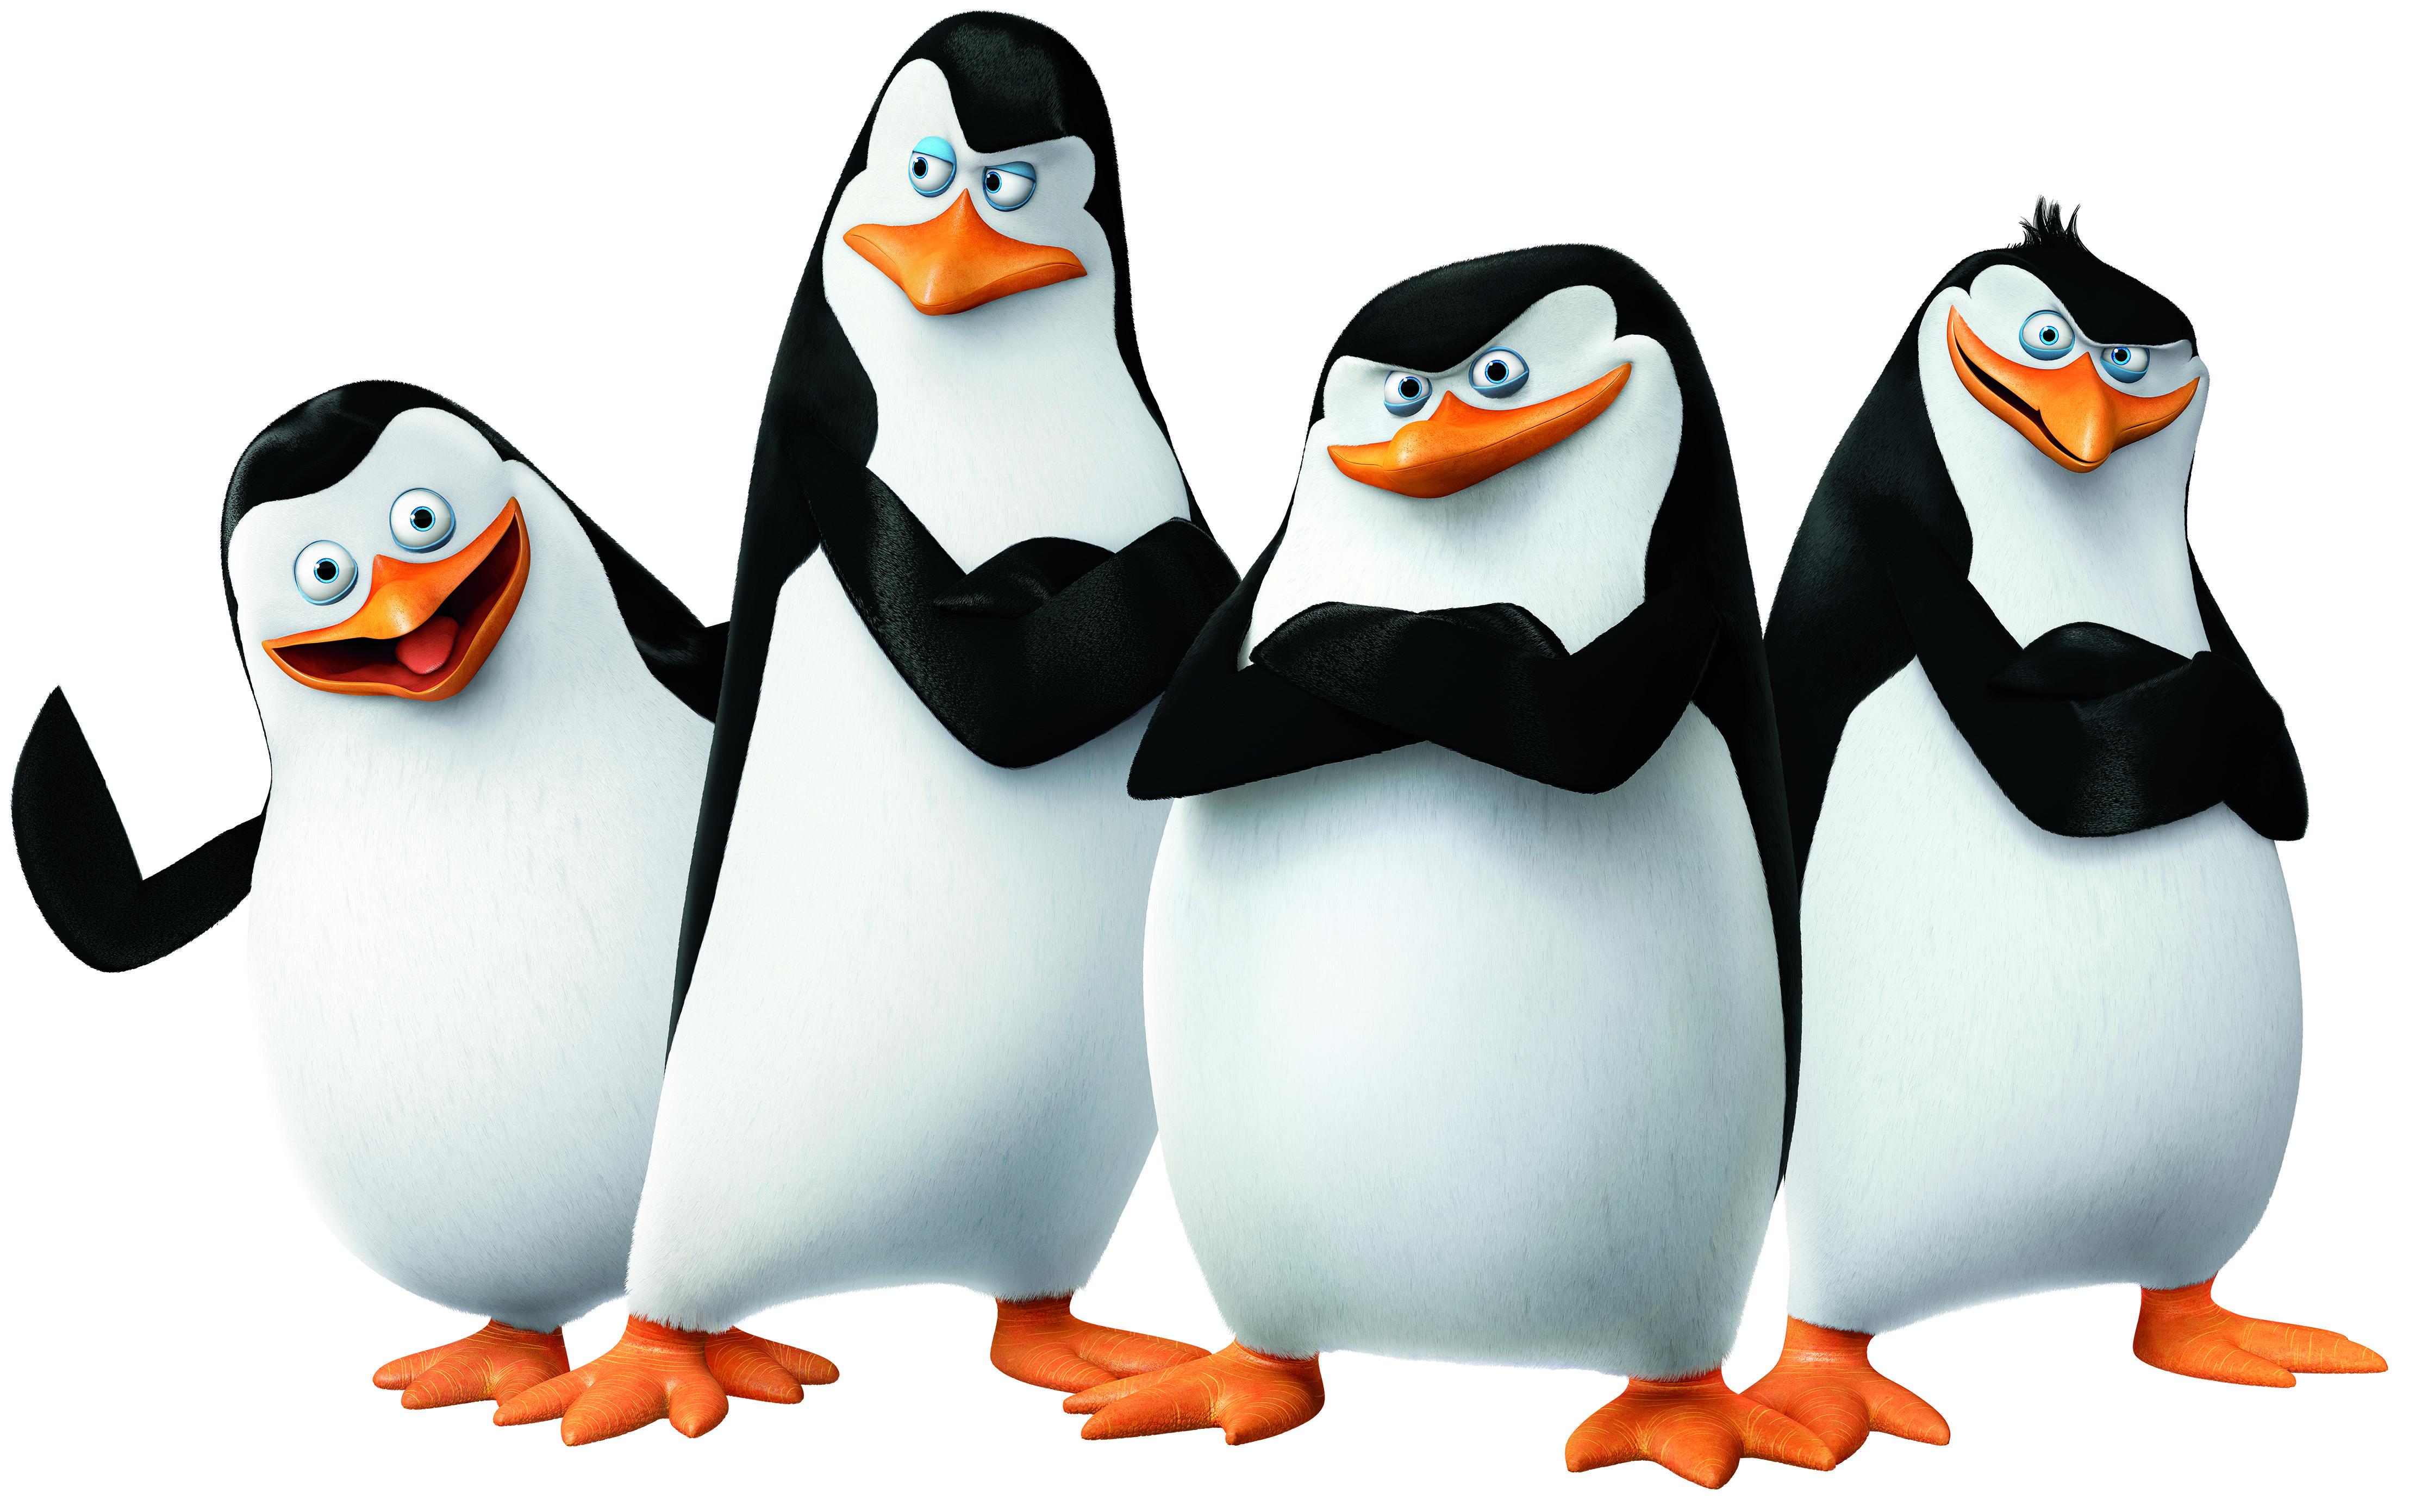 Pinguins De Madagascar - Pesquisa Google-pinguins de madagascar - Pesquisa Google-14